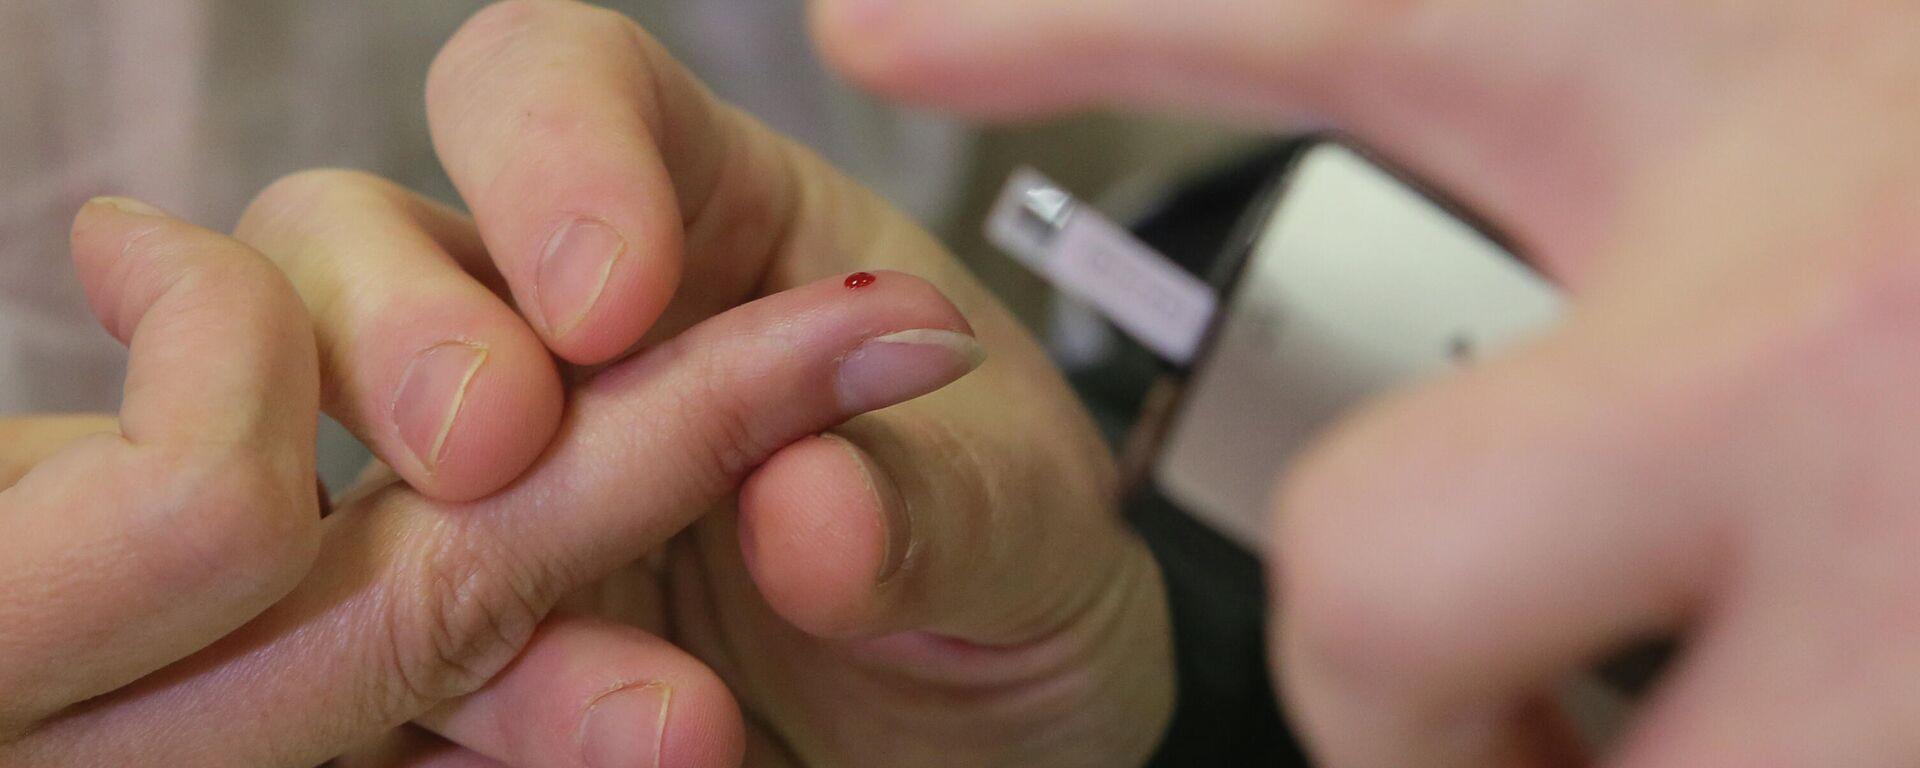 Diabetes-Test - SNA, 1920, 27.04.2021